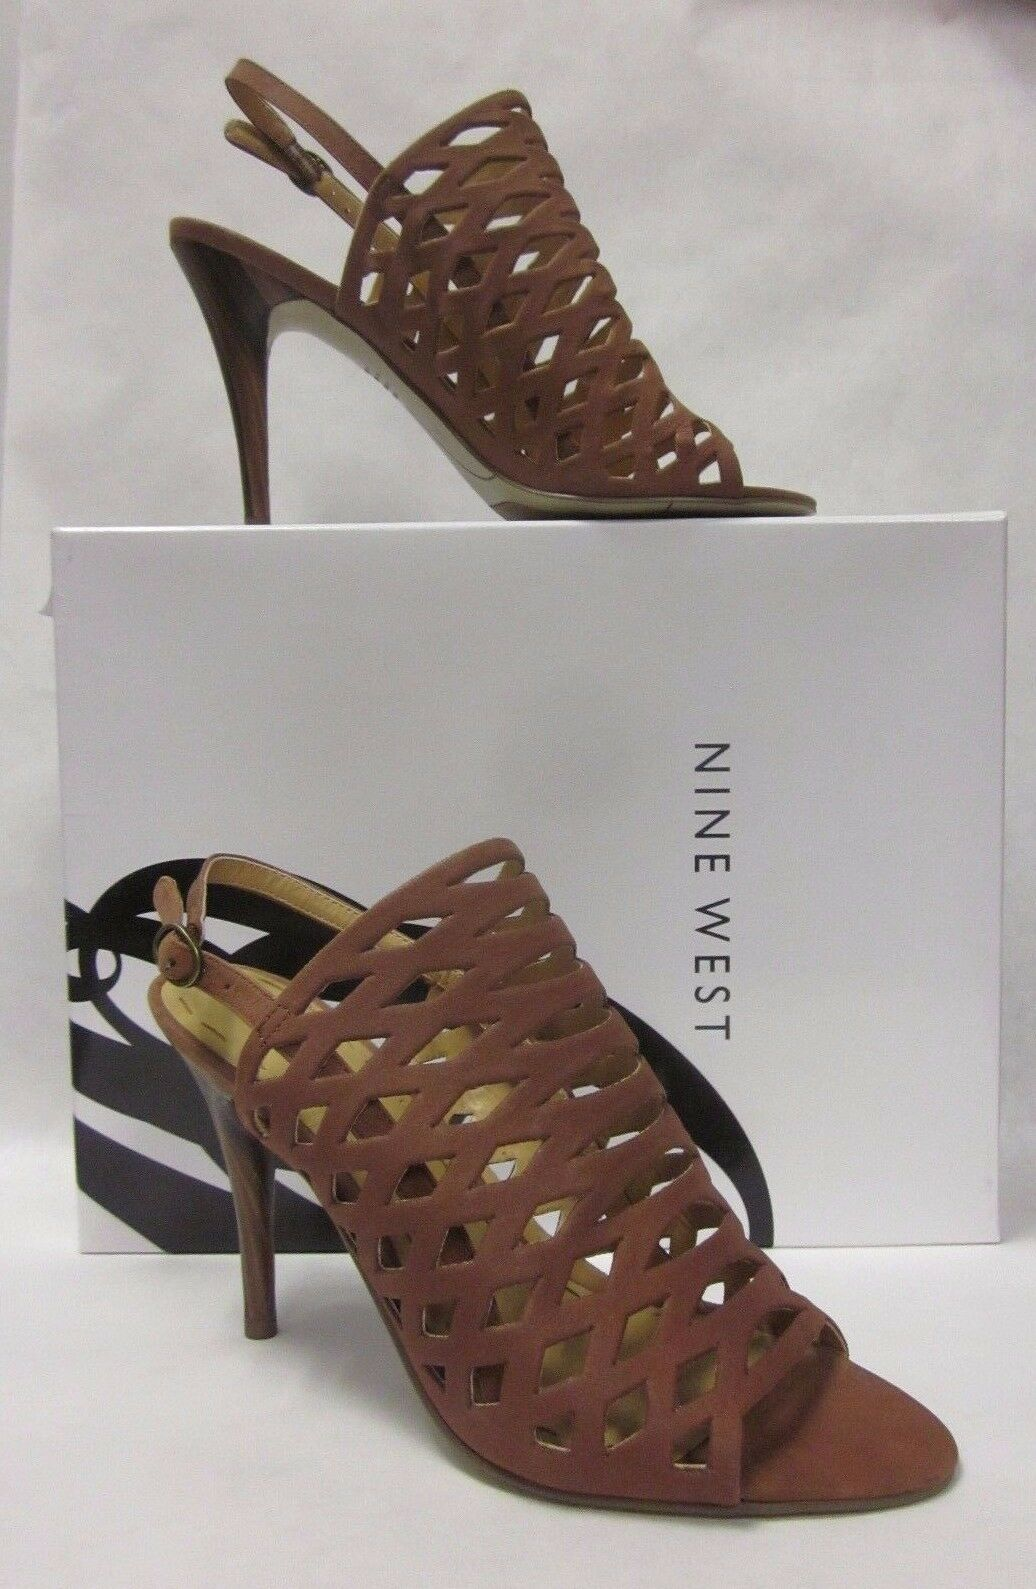 Nine West West West Smileydays Brown Cut Out Sandals Heels - size 6.5 8e1f2d